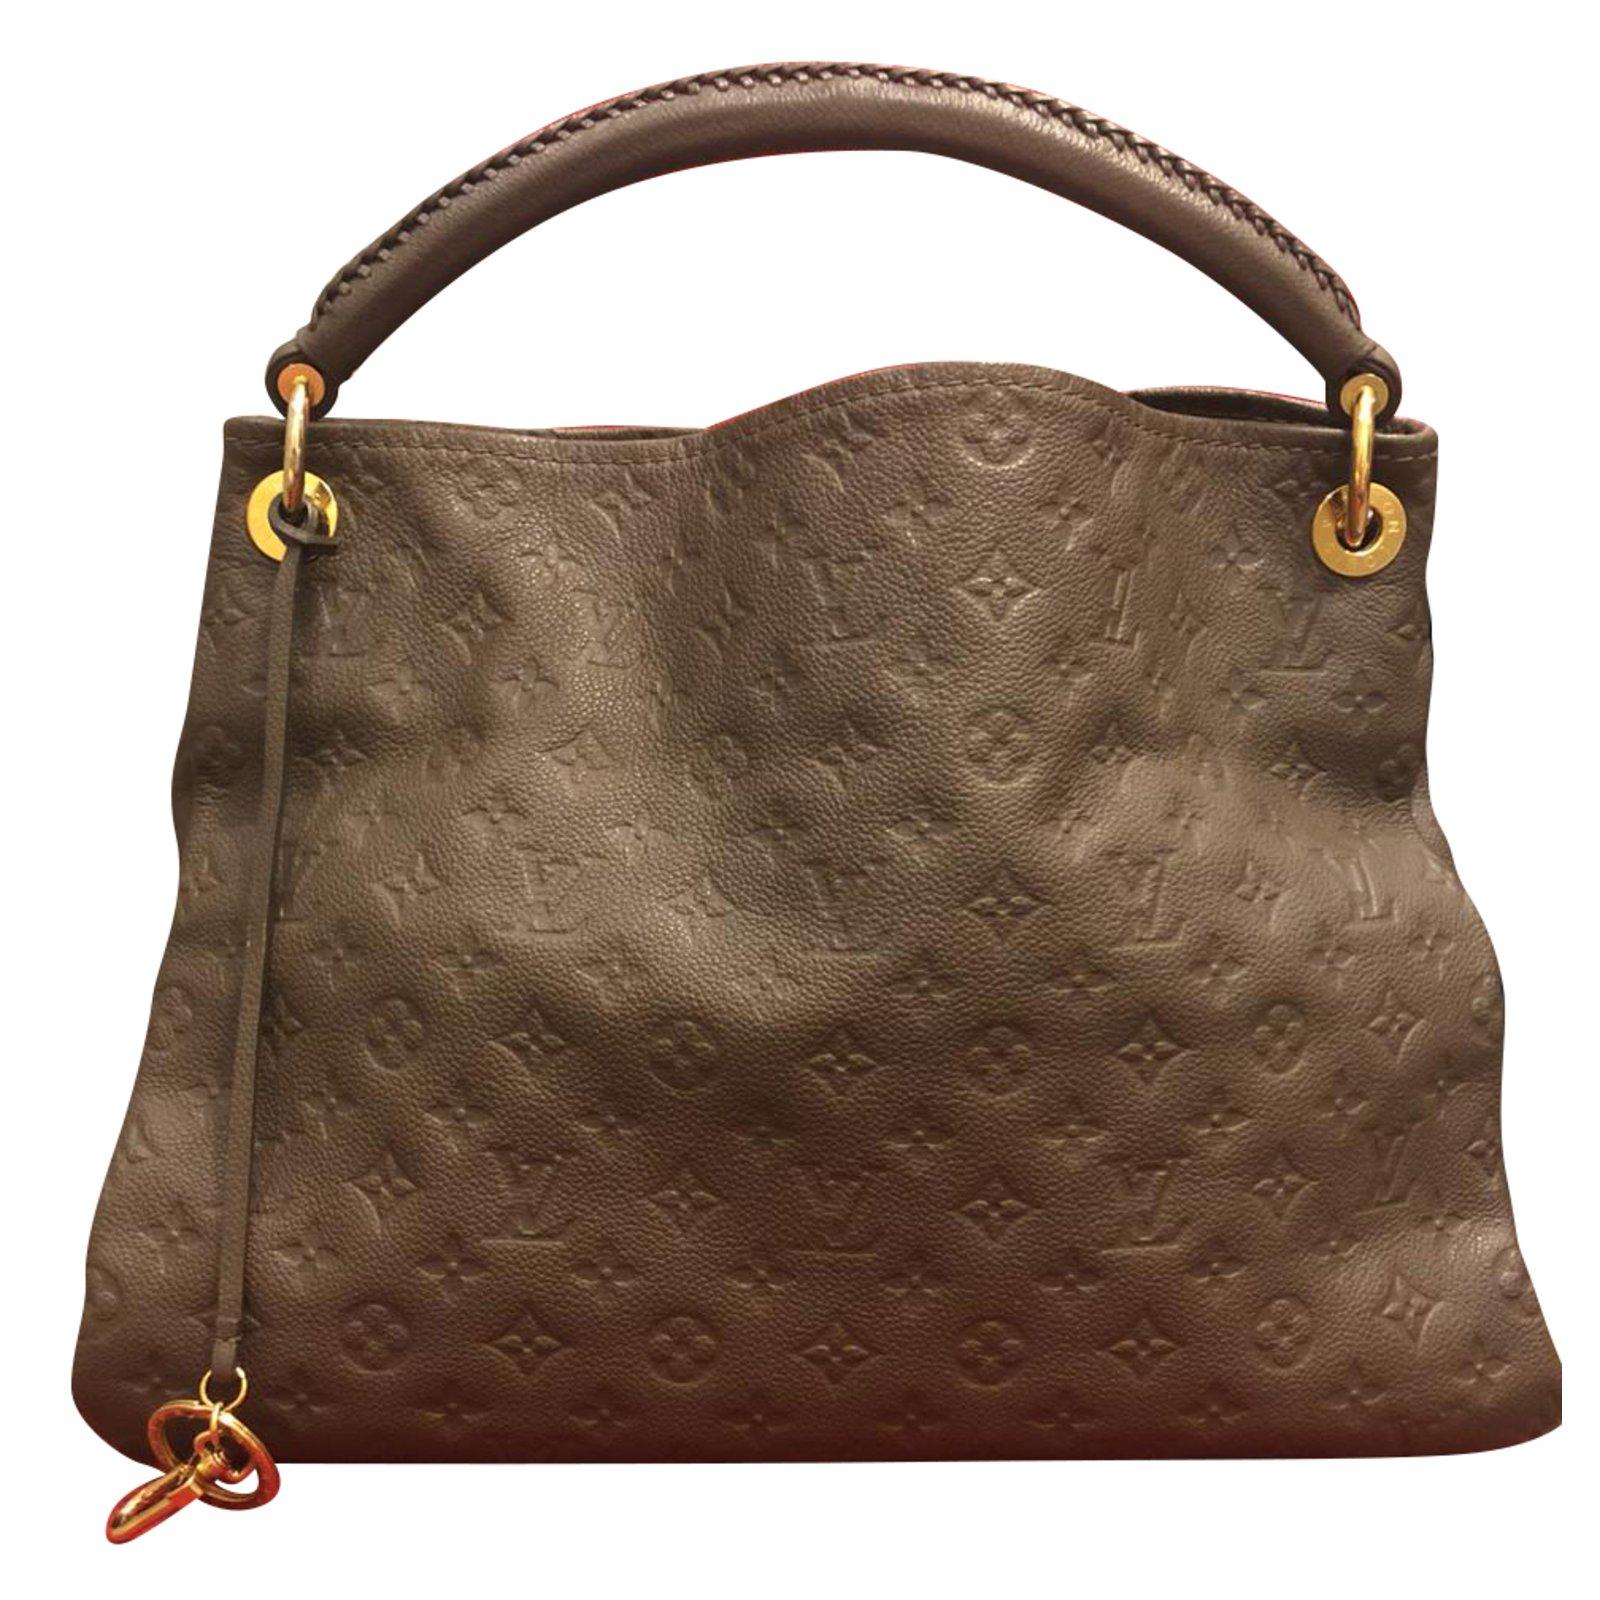 Sacs à main Louis Vuitton Sac à main Cuir Marron ref.84323 - Joli Closet 536f924e4f4